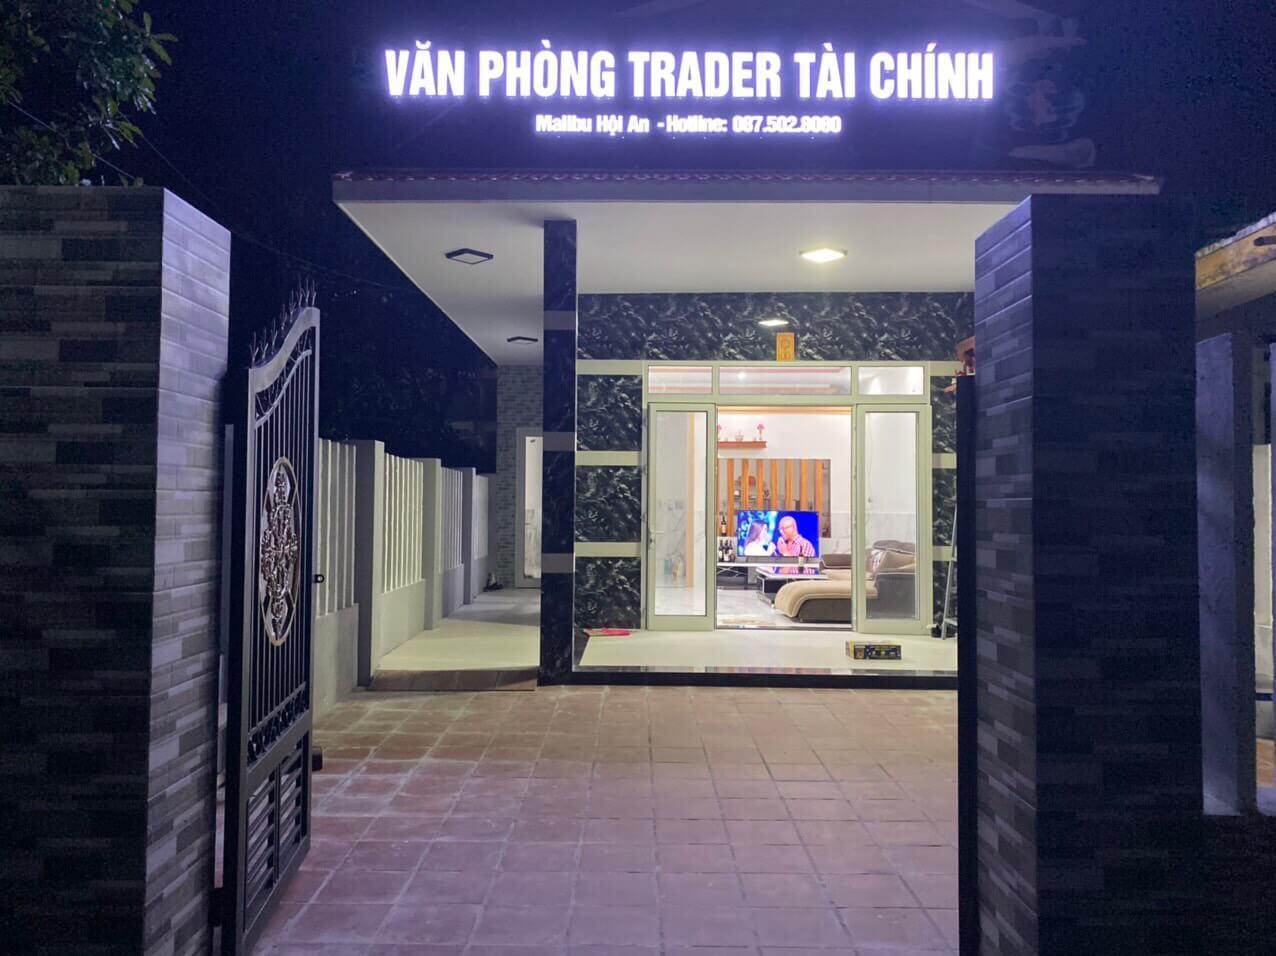 Bảng hiệu mica sáng đèn văn phòng giao dịch tài chính malibu Hội An